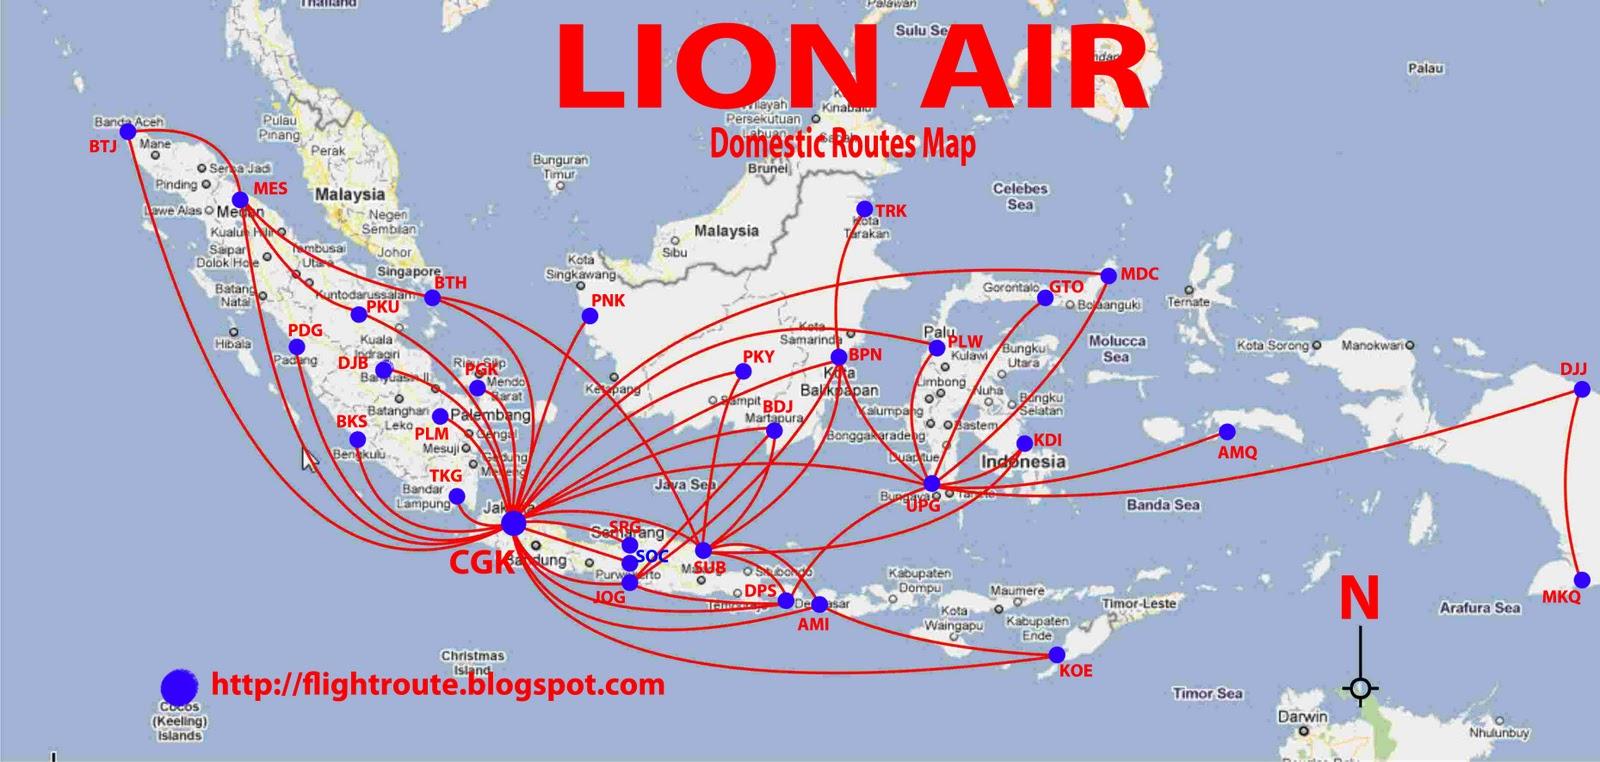 lion air routes map